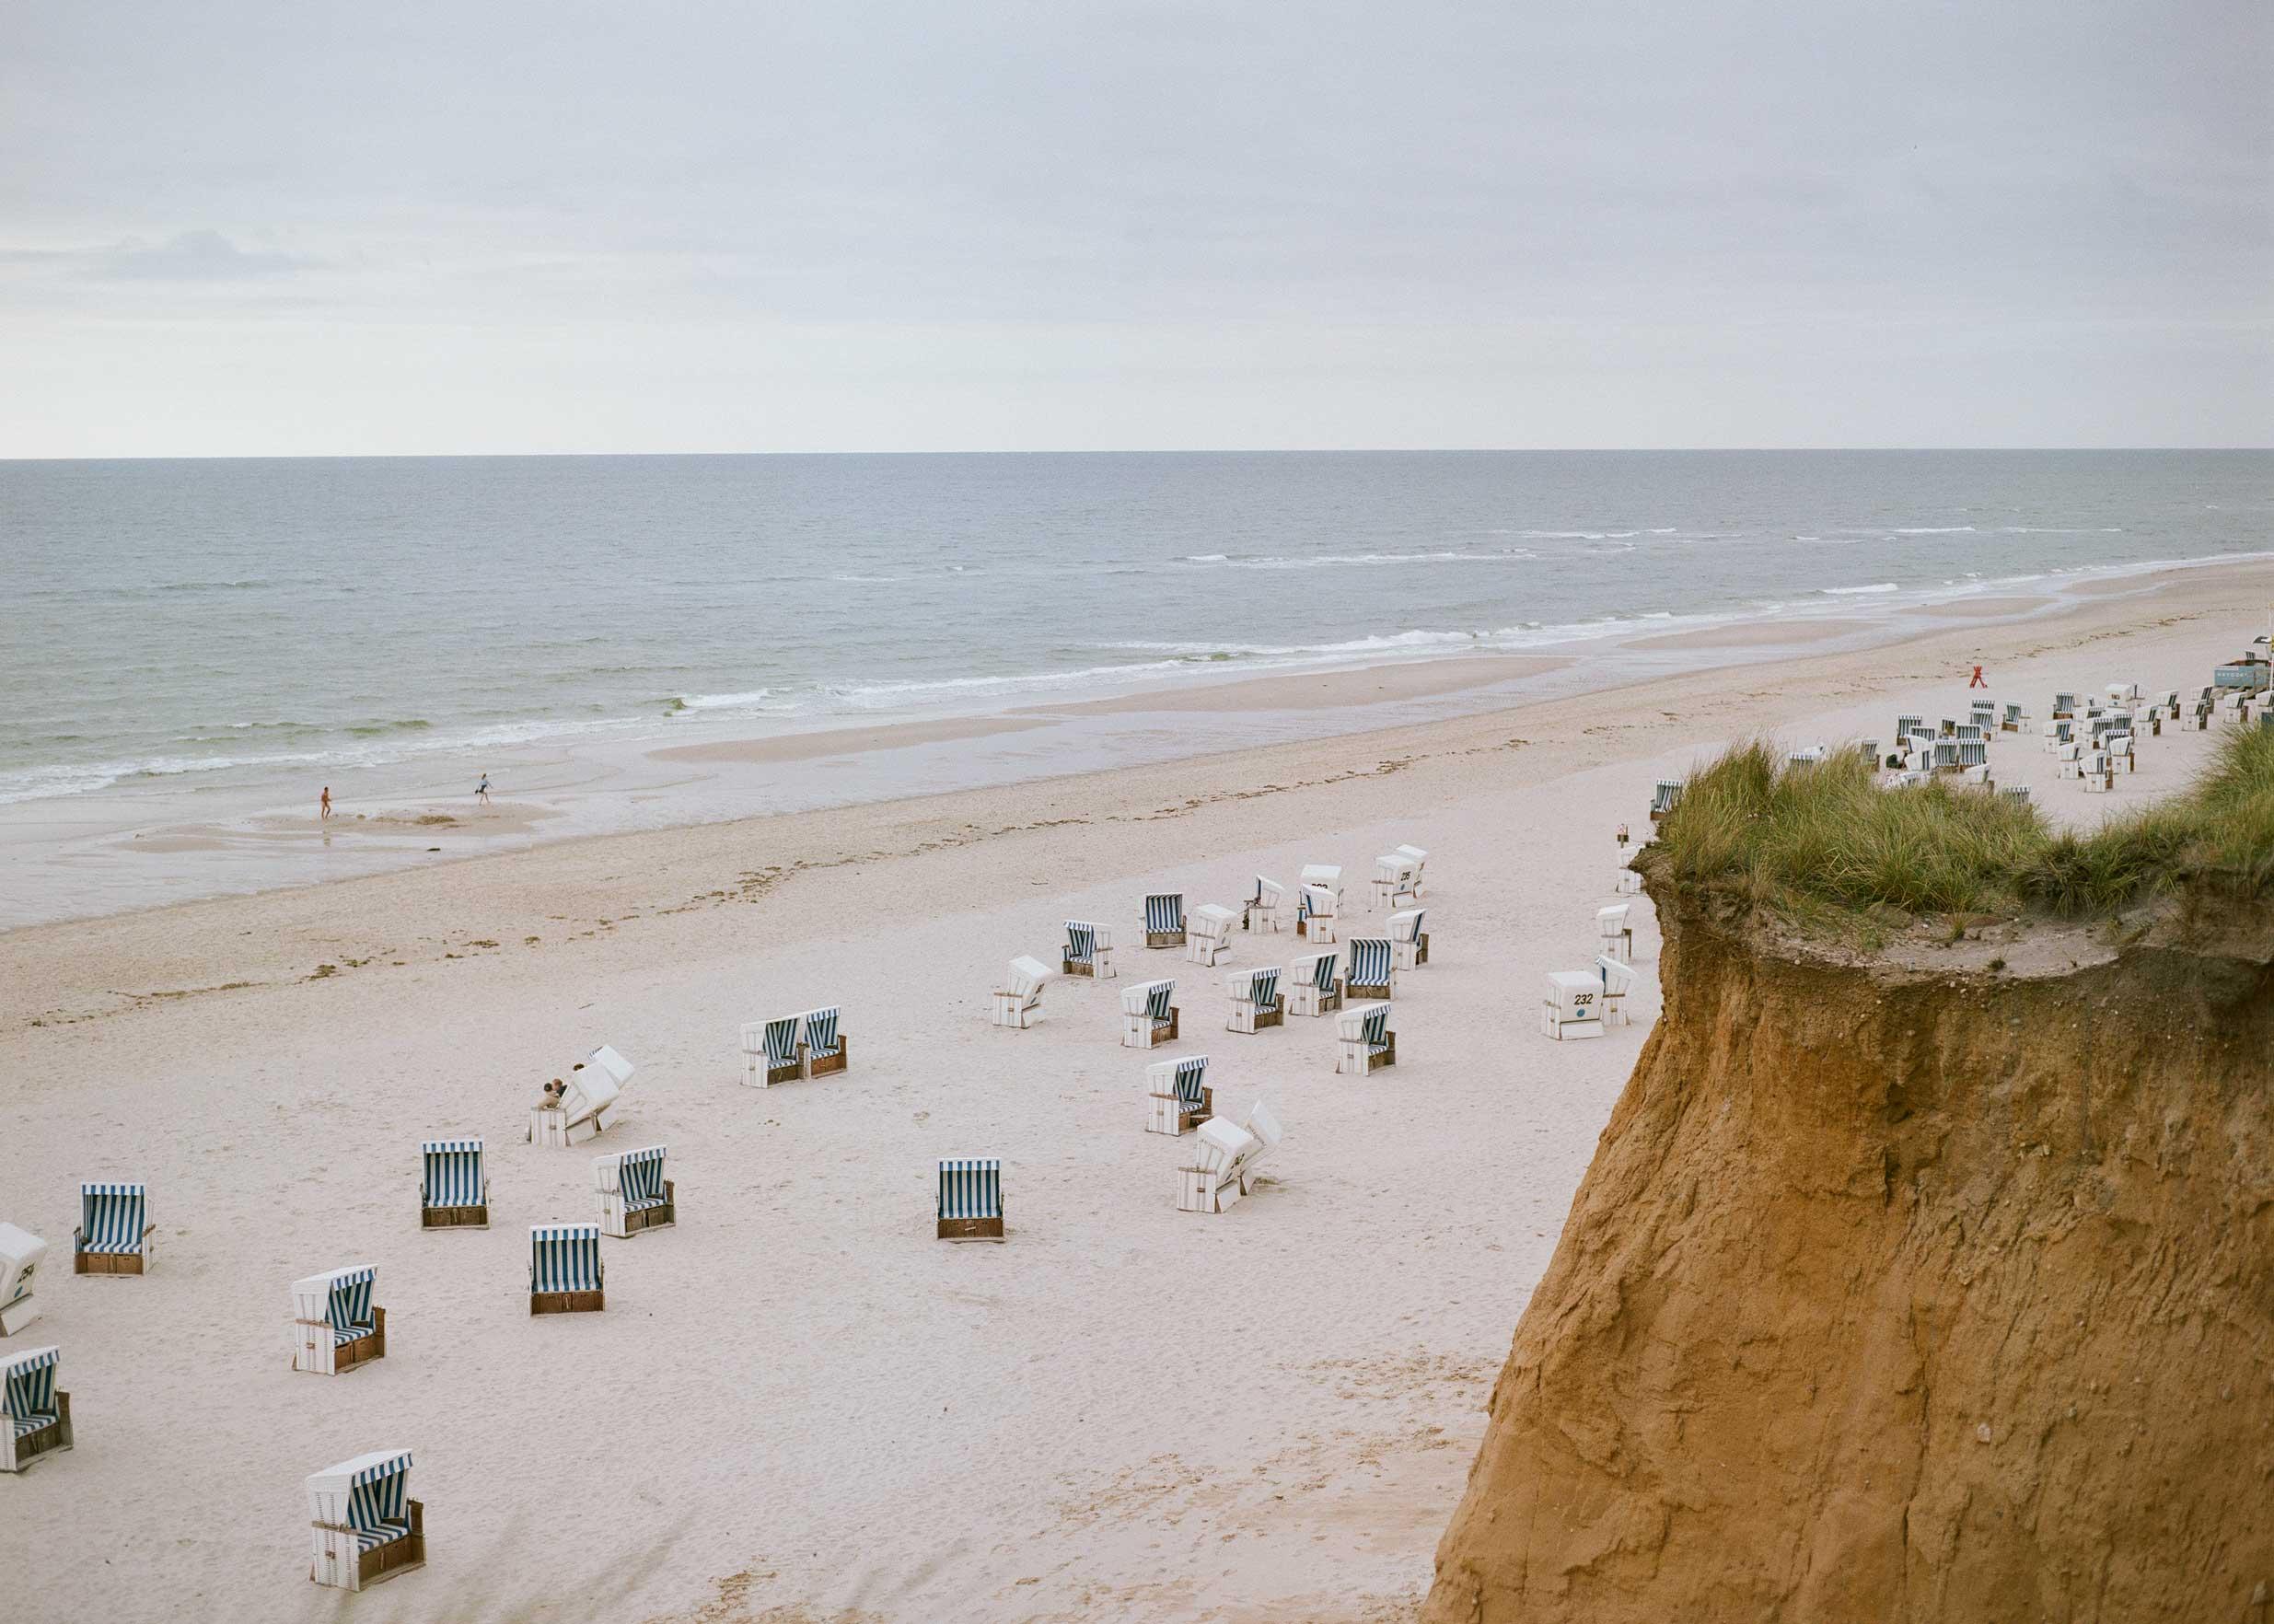 Red Cliffs Sylt (Lennart Filthuth - Mamiya 645, Kodak Portra 400)